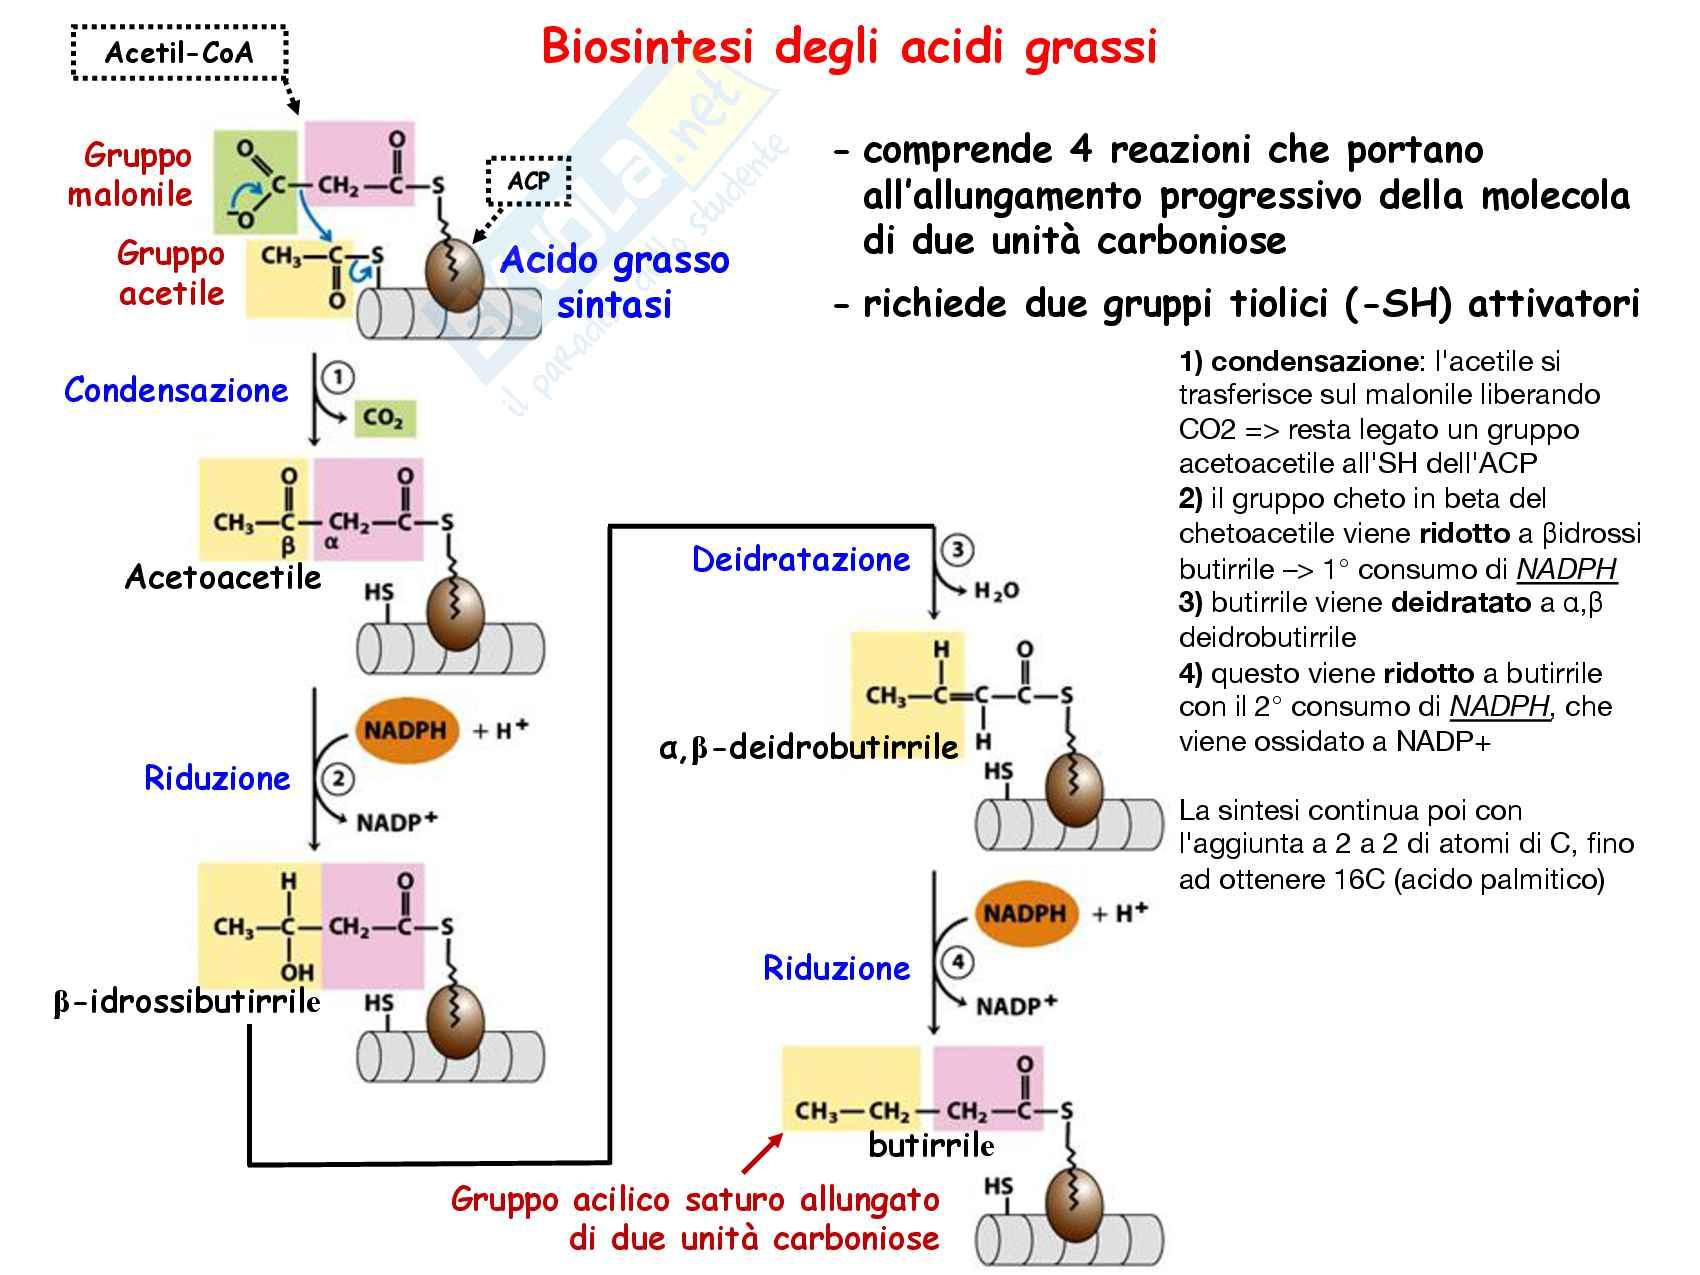 9 Biosintesi degli acidi grassi, reazioni chimiche, regolazione e funzioni Pag. 11